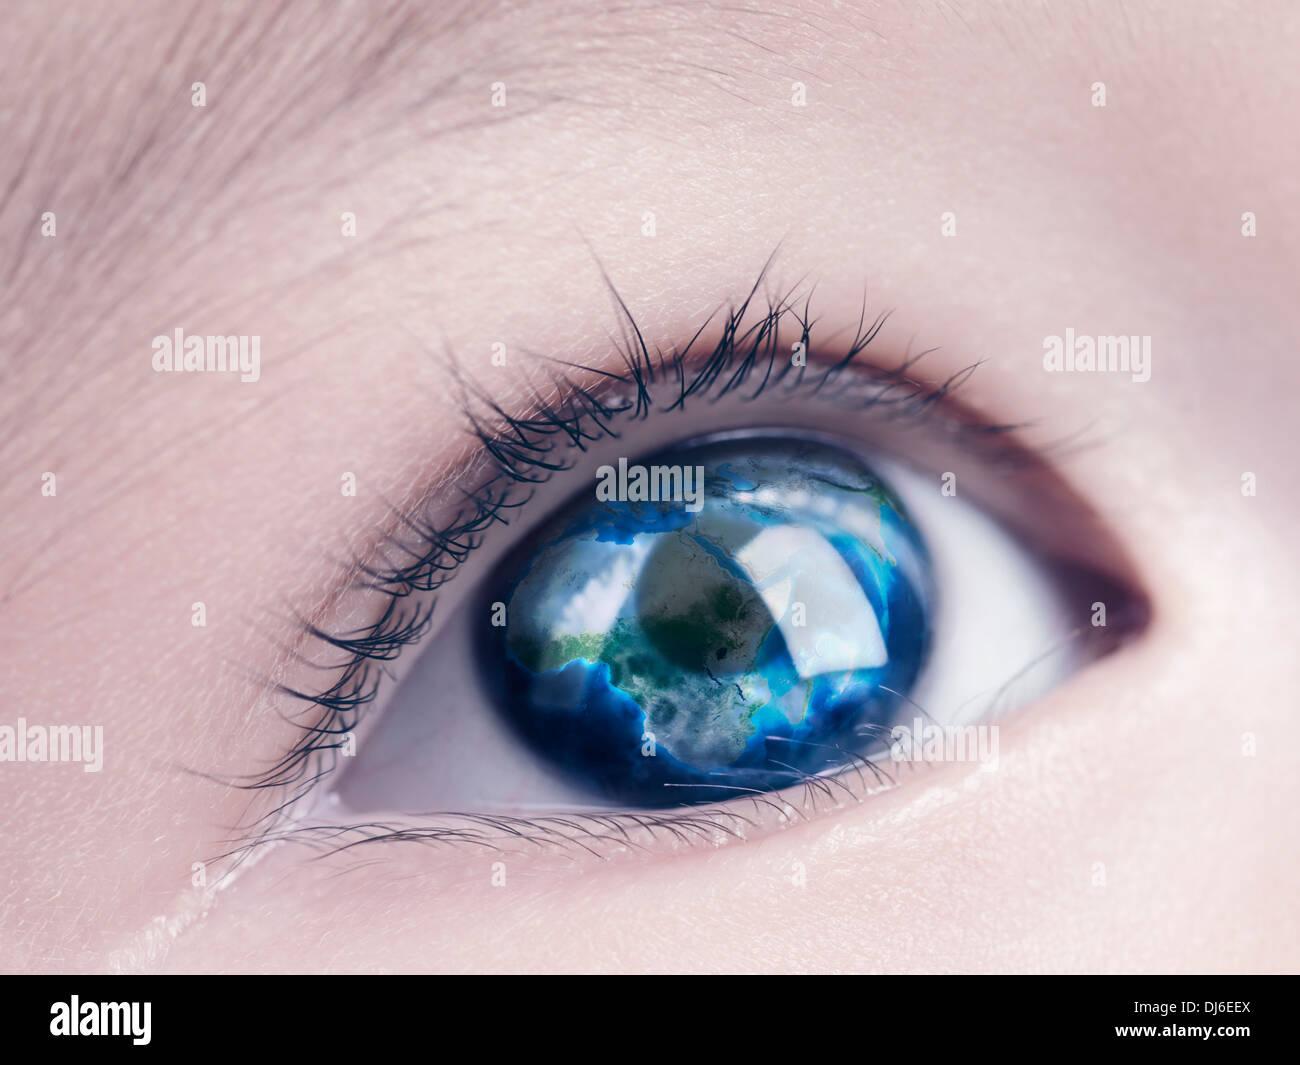 Primer plano de un ojo azul del niño con el globo terrestre, mapa del mundo reflejando en ella Imagen De Stock